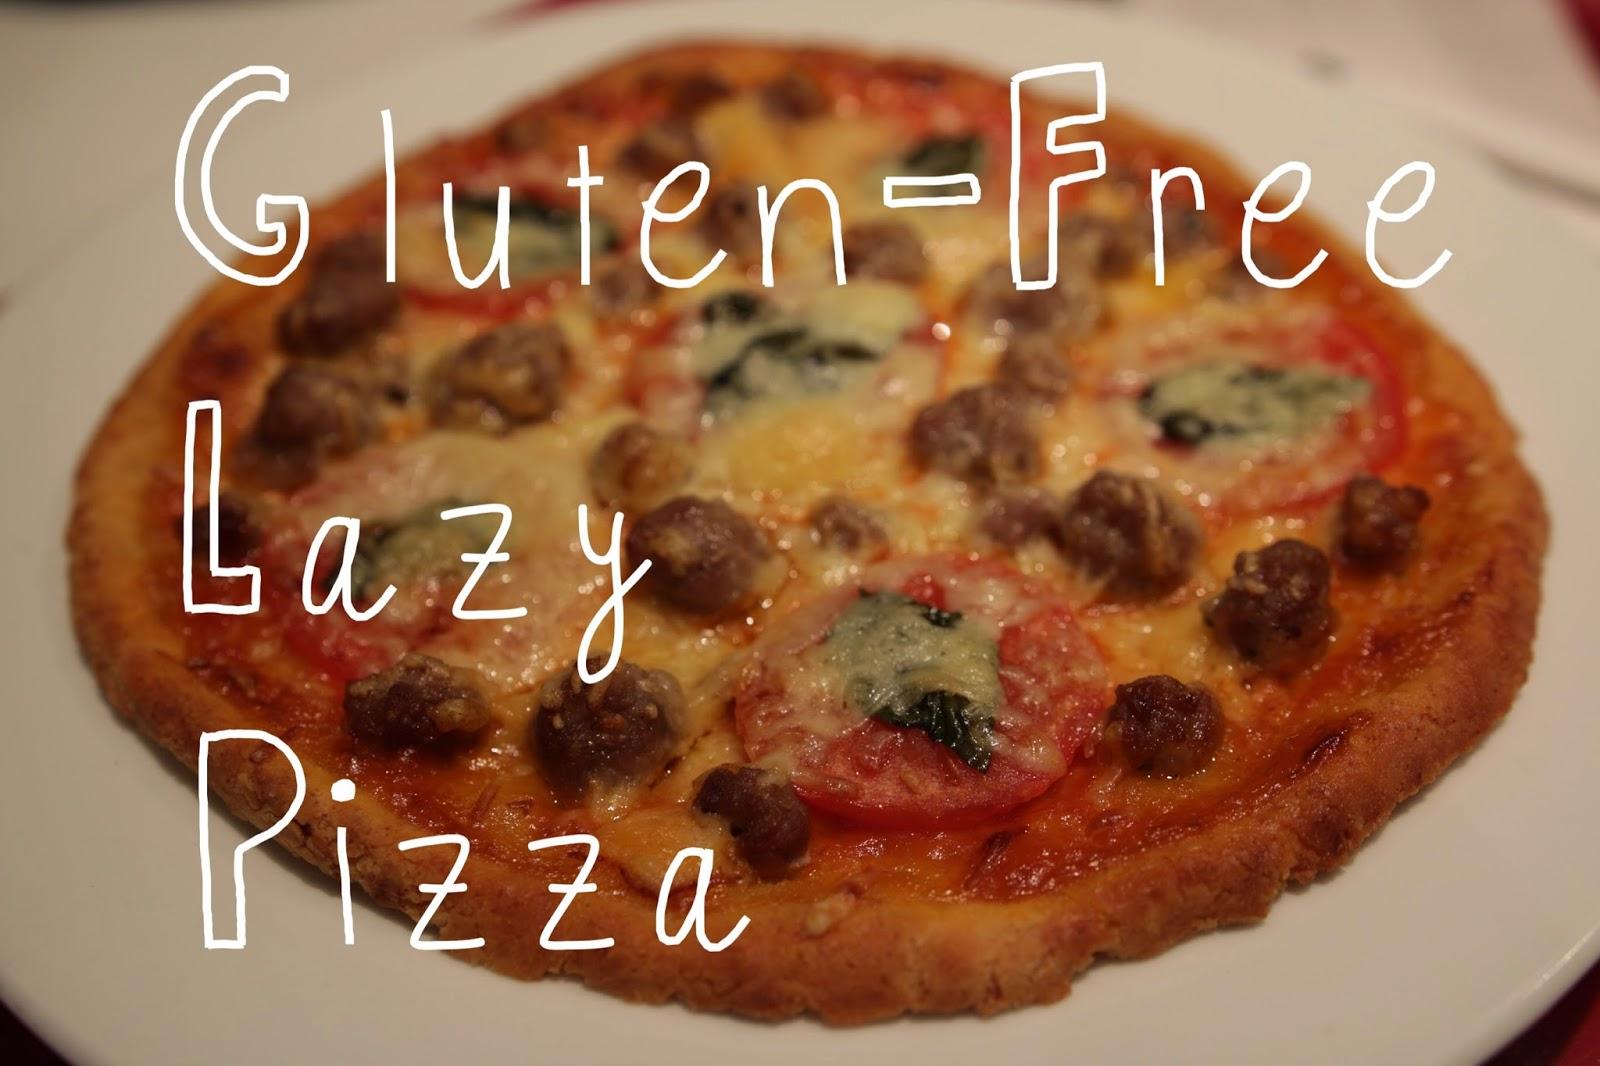 Gluten-free sausage pizza